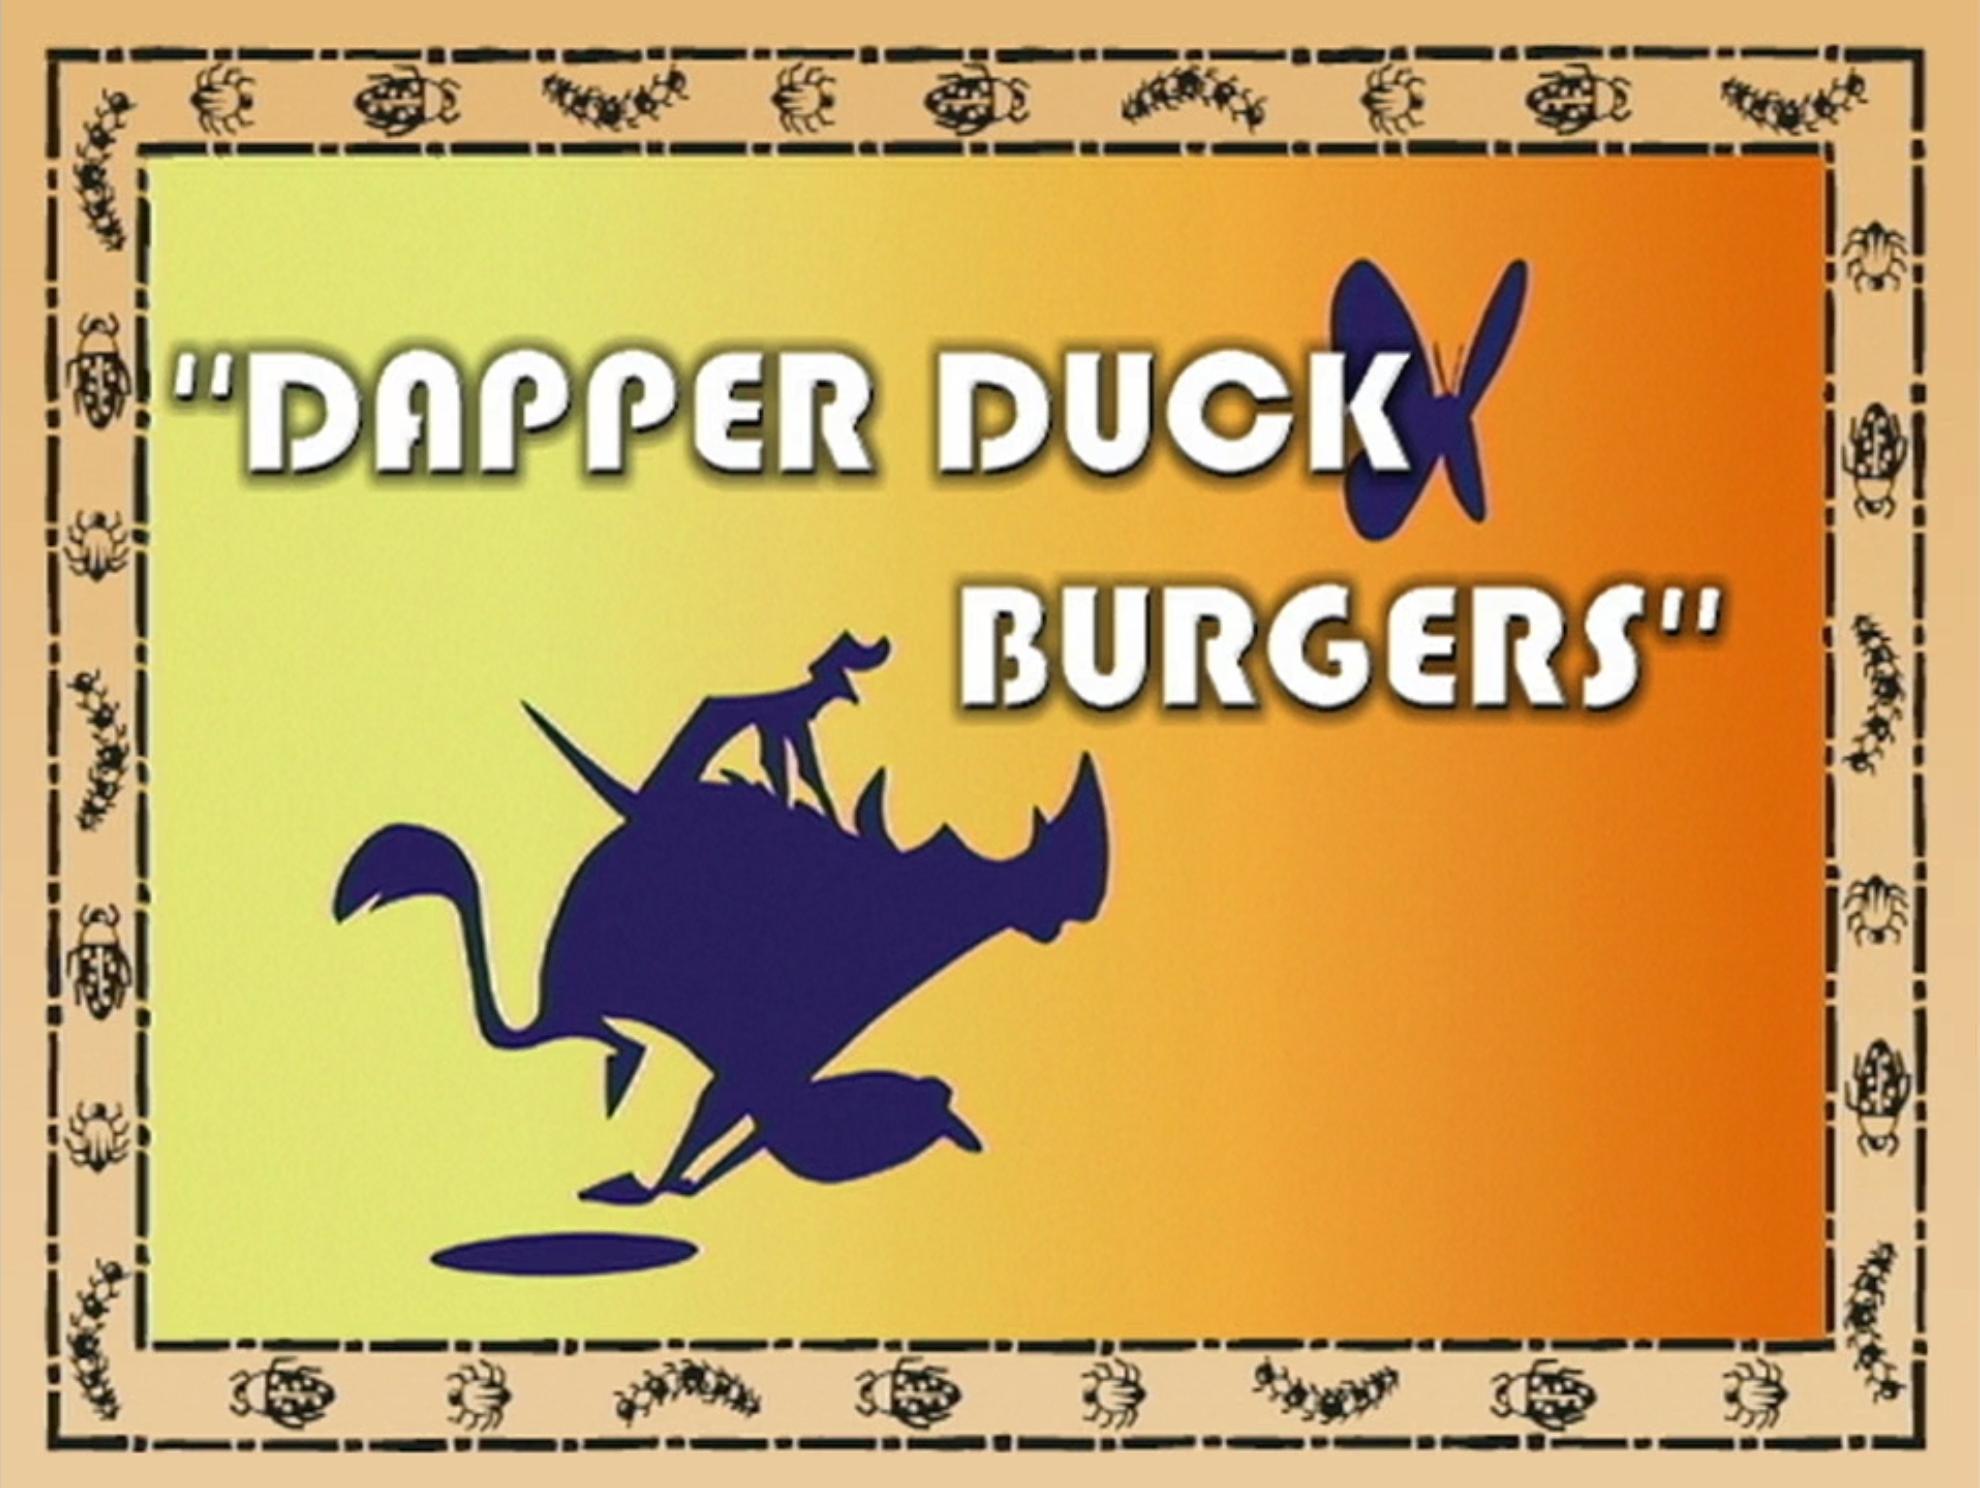 Dapper Duck Burgers